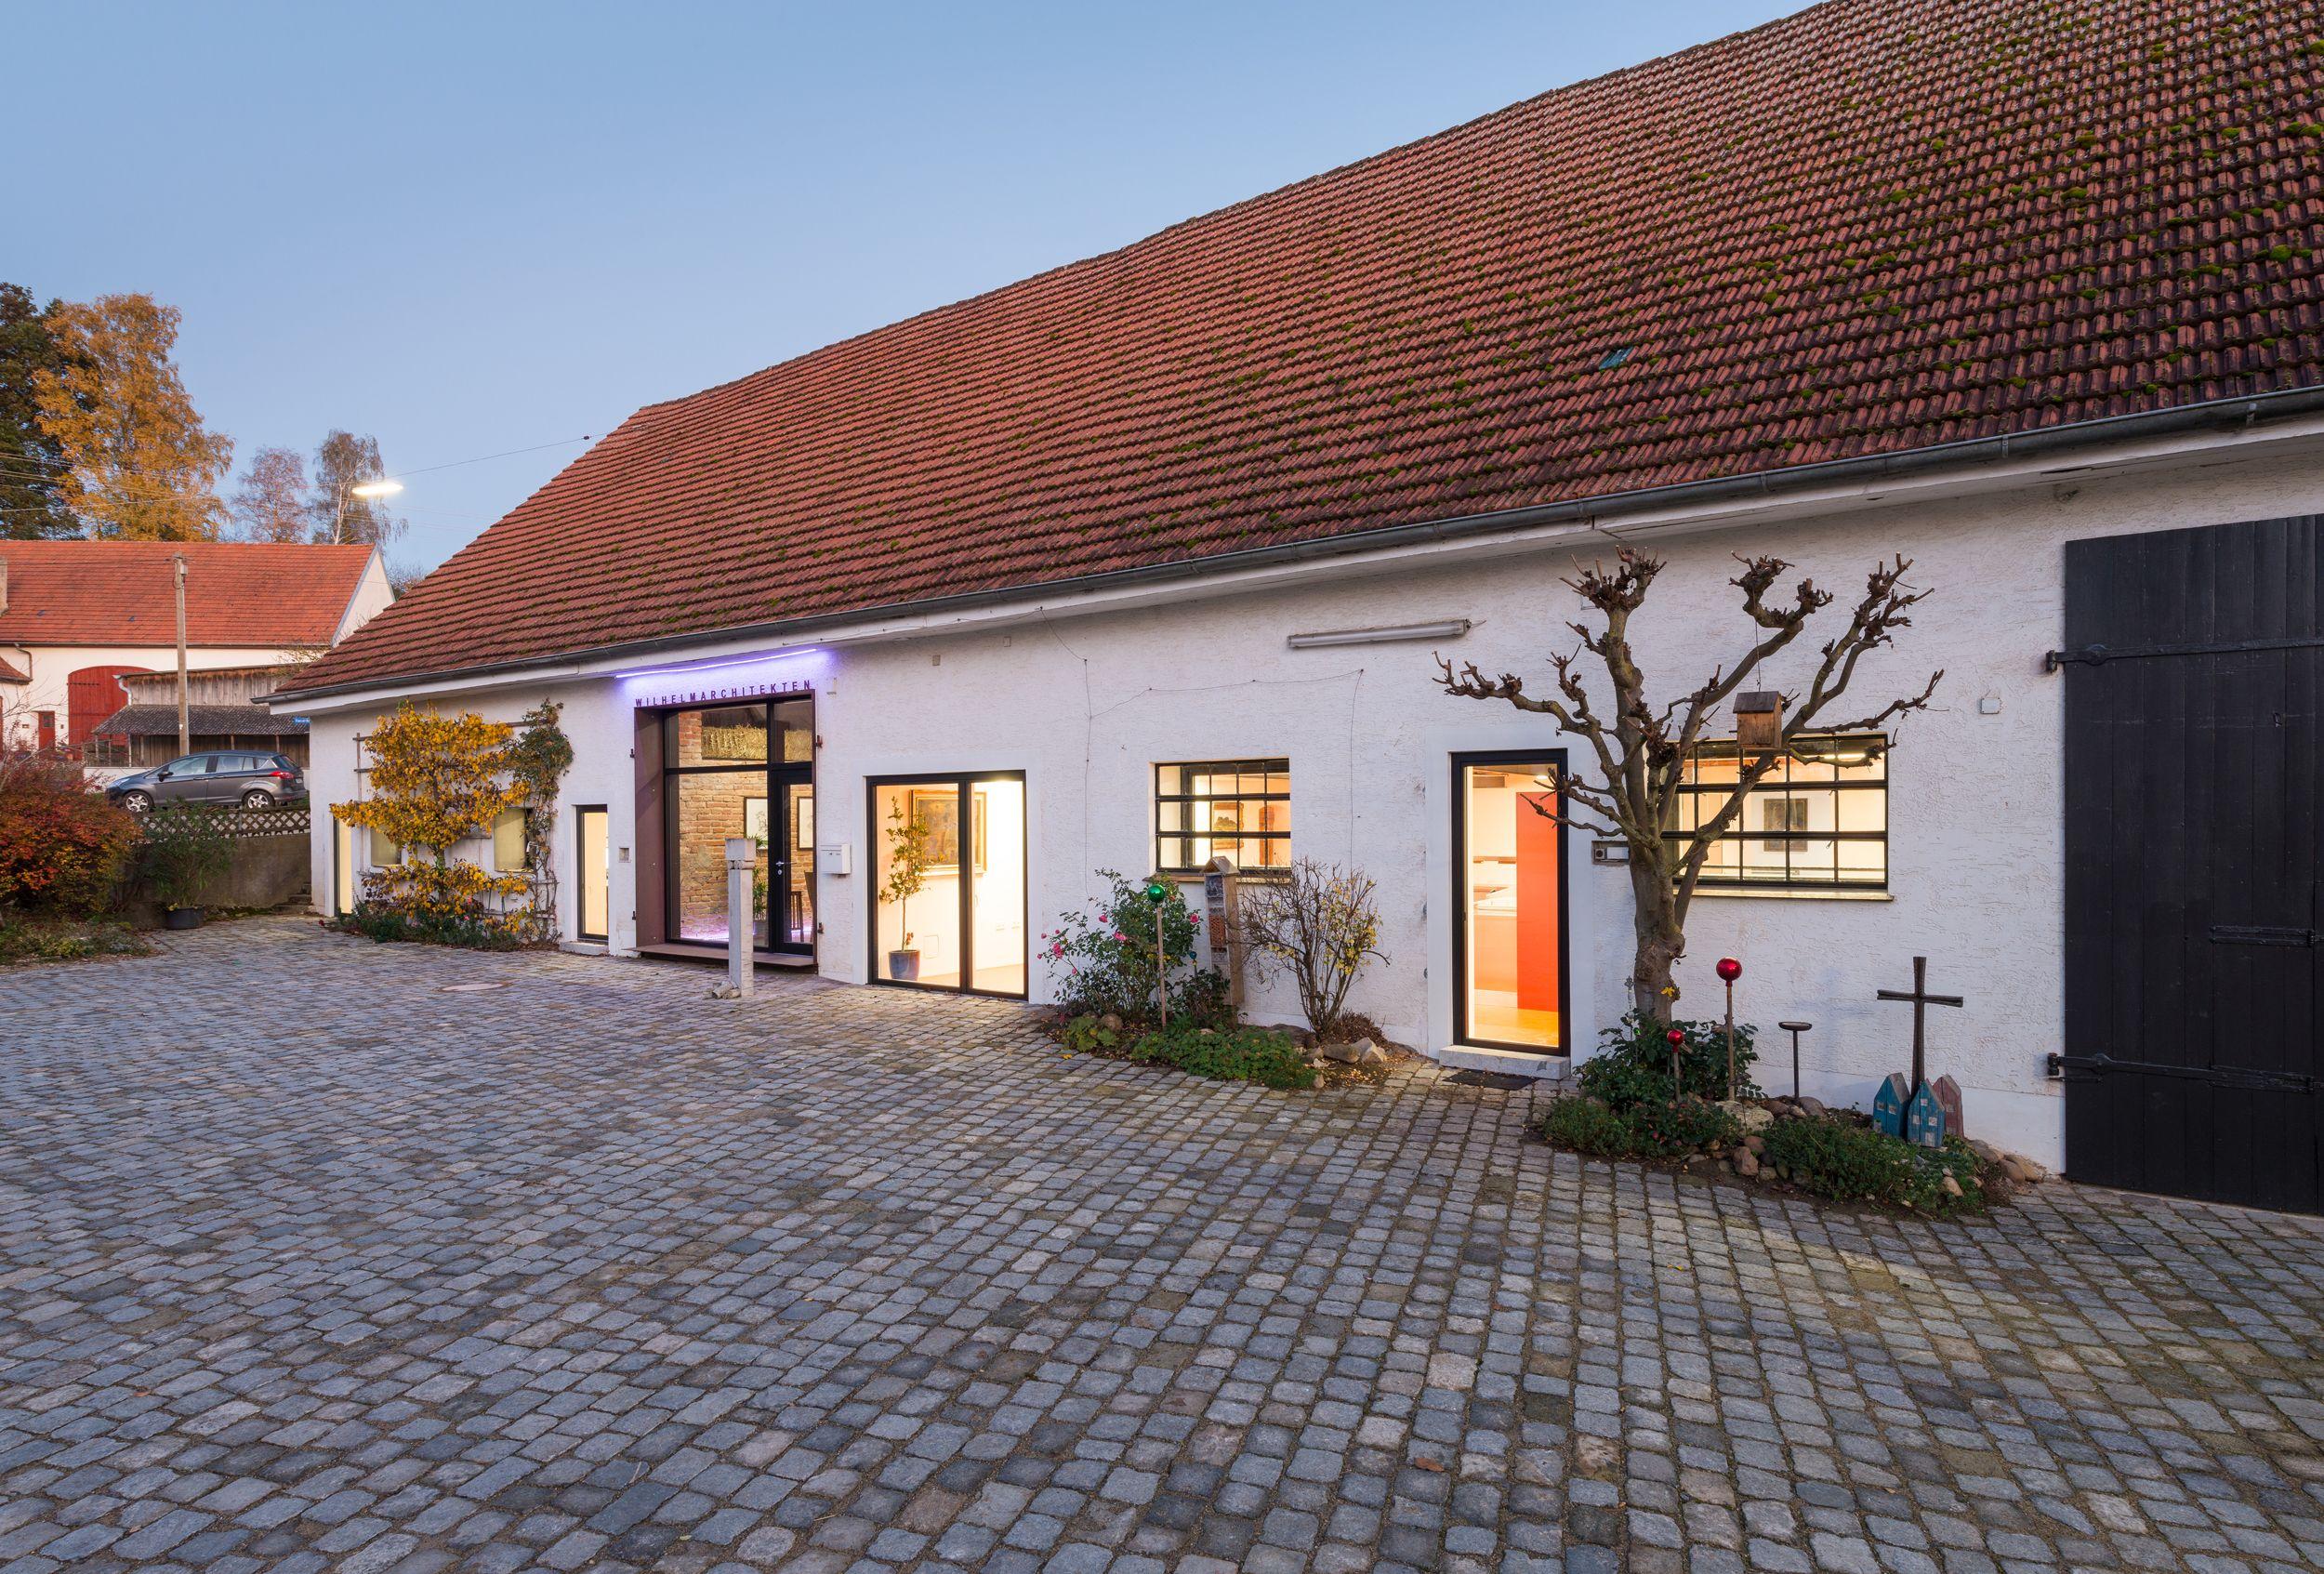 Gemüsekeller + Wohnhaus + Dämmerung Bürogebäude